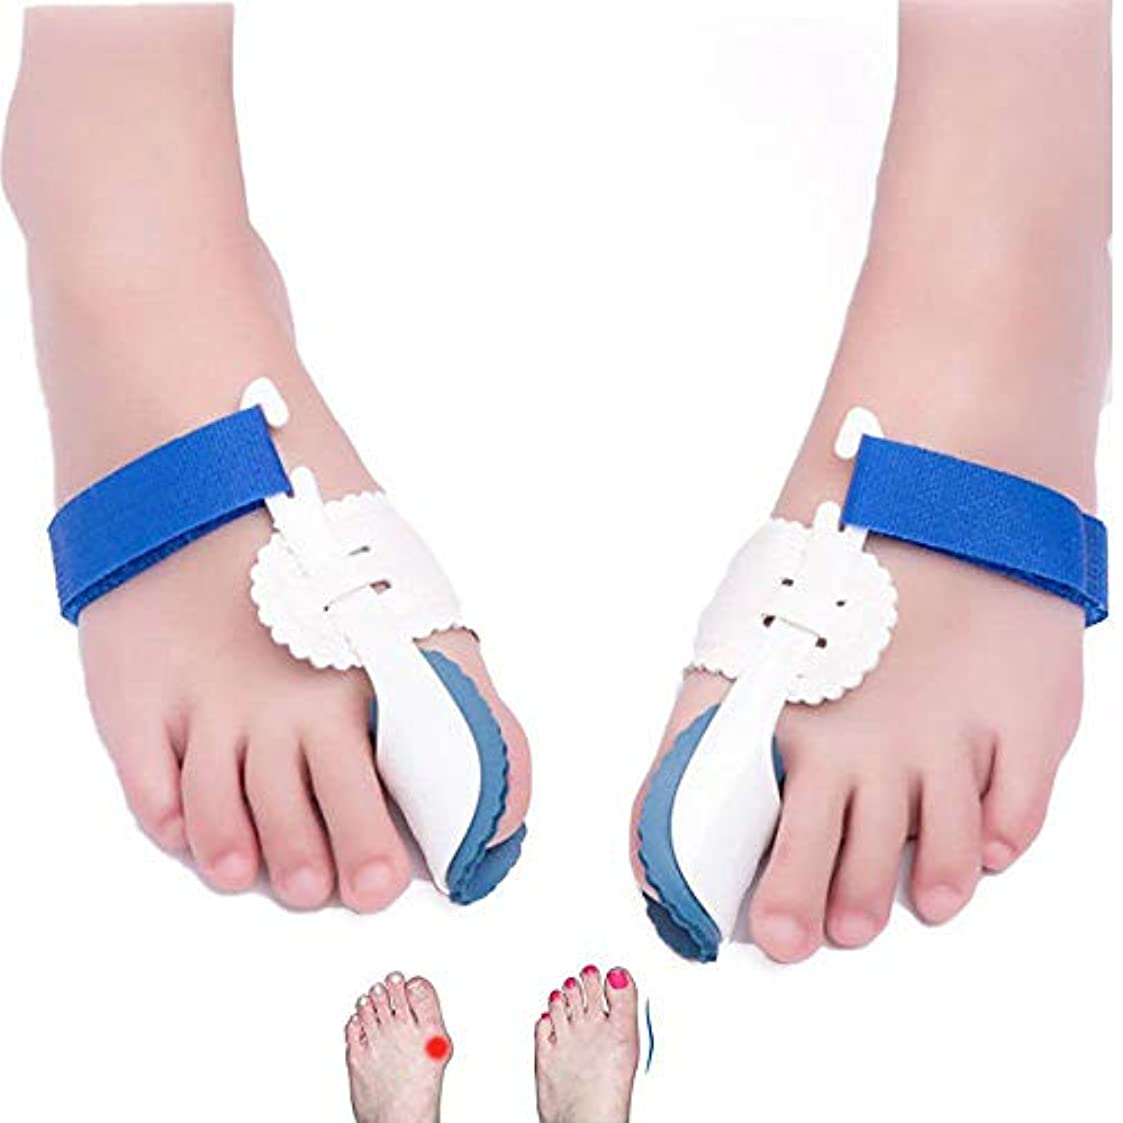 全国コールド機関車親指外反矯正器、調整可能な腱弓補正器 外反母趾腱膜補助矯正 つま先セパレータープロテクターとして機能します。 フットケア 男性&女性向け